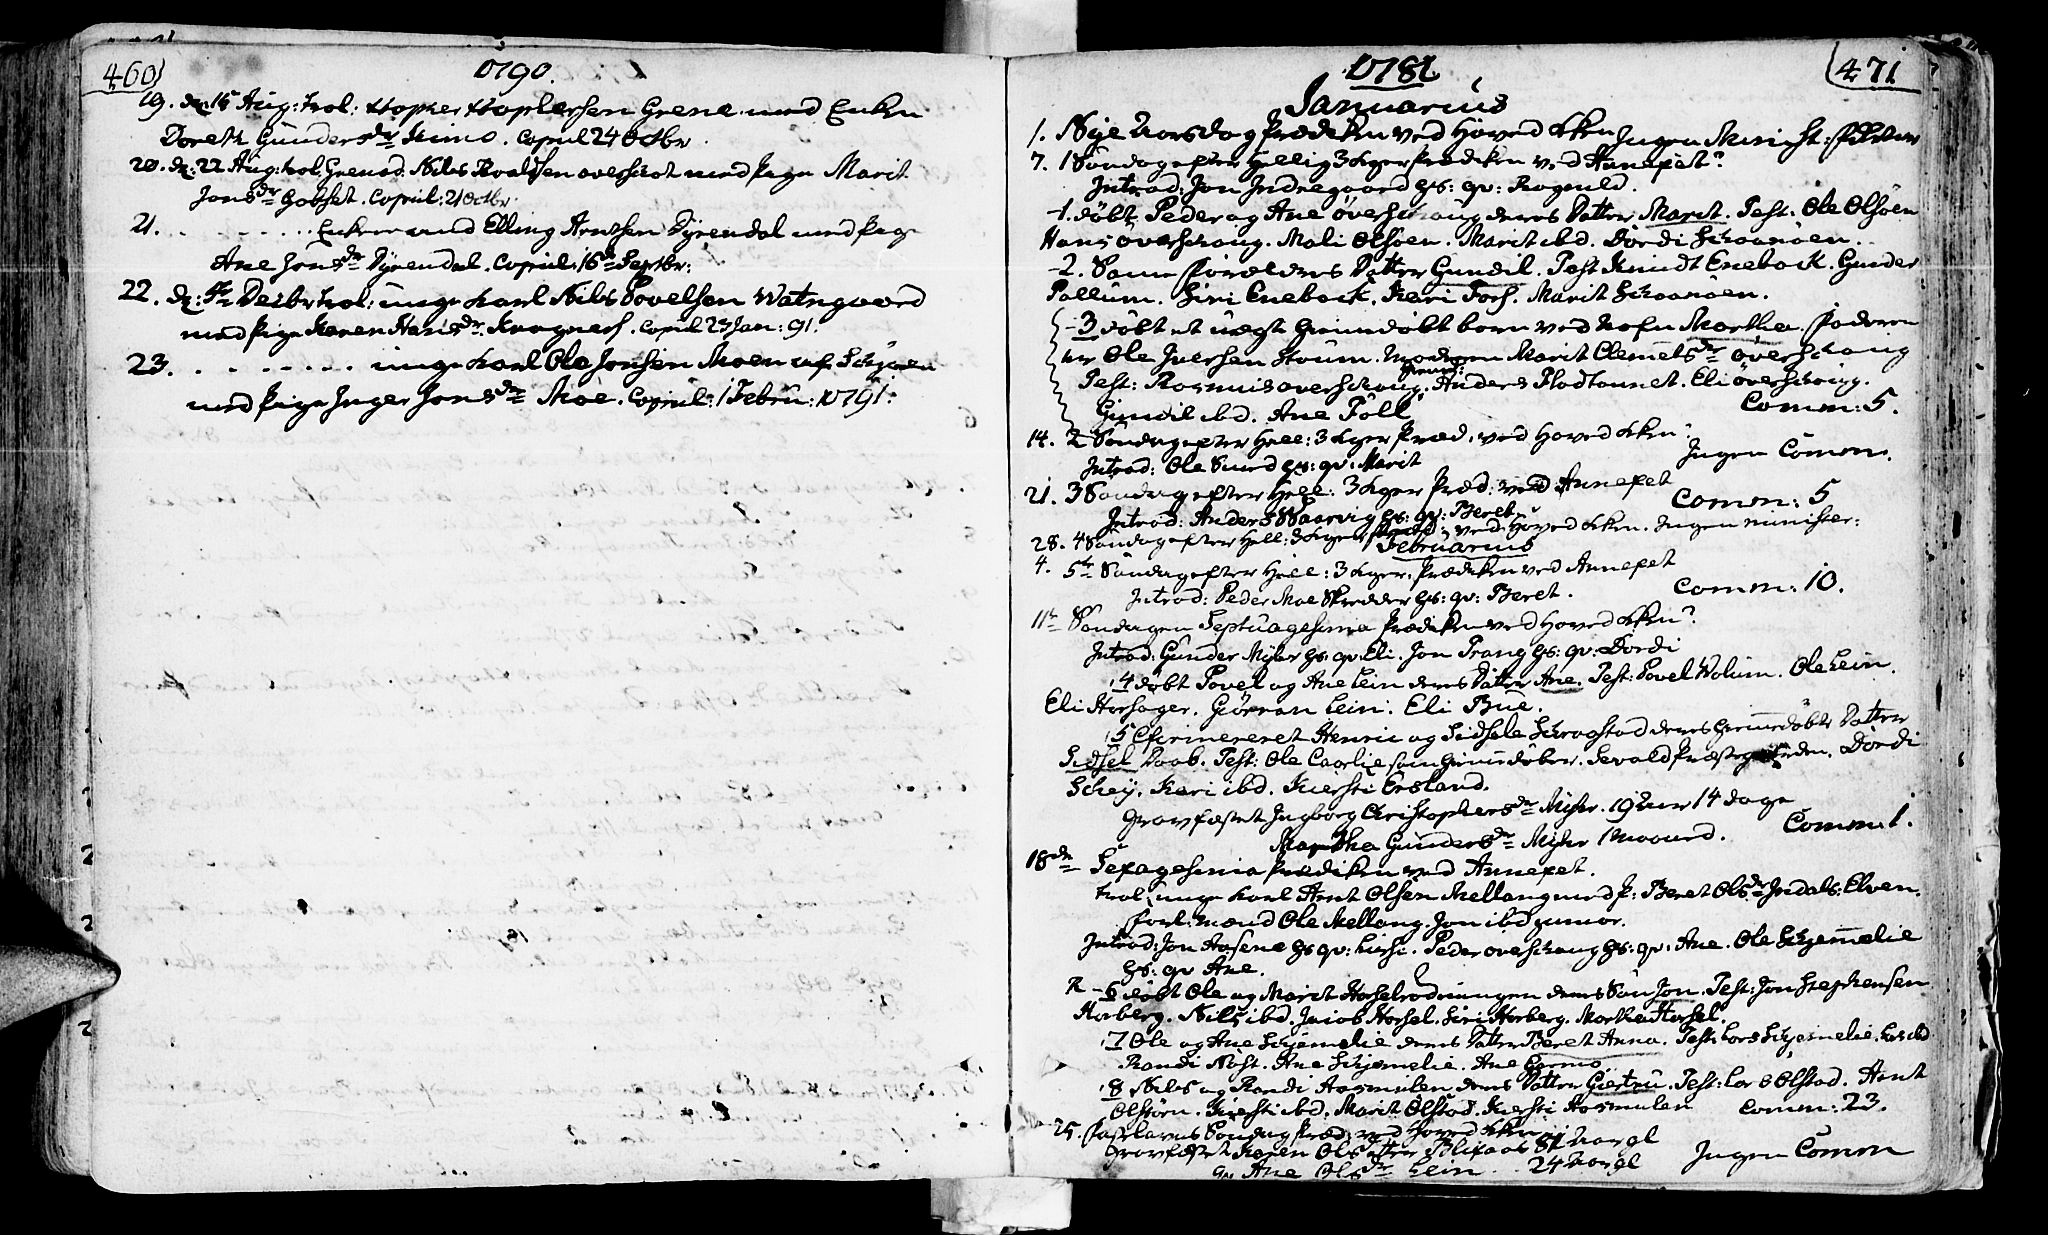 SAT, Ministerialprotokoller, klokkerbøker og fødselsregistre - Sør-Trøndelag, 646/L0605: Ministerialbok nr. 646A03, 1751-1790, s. 460-471